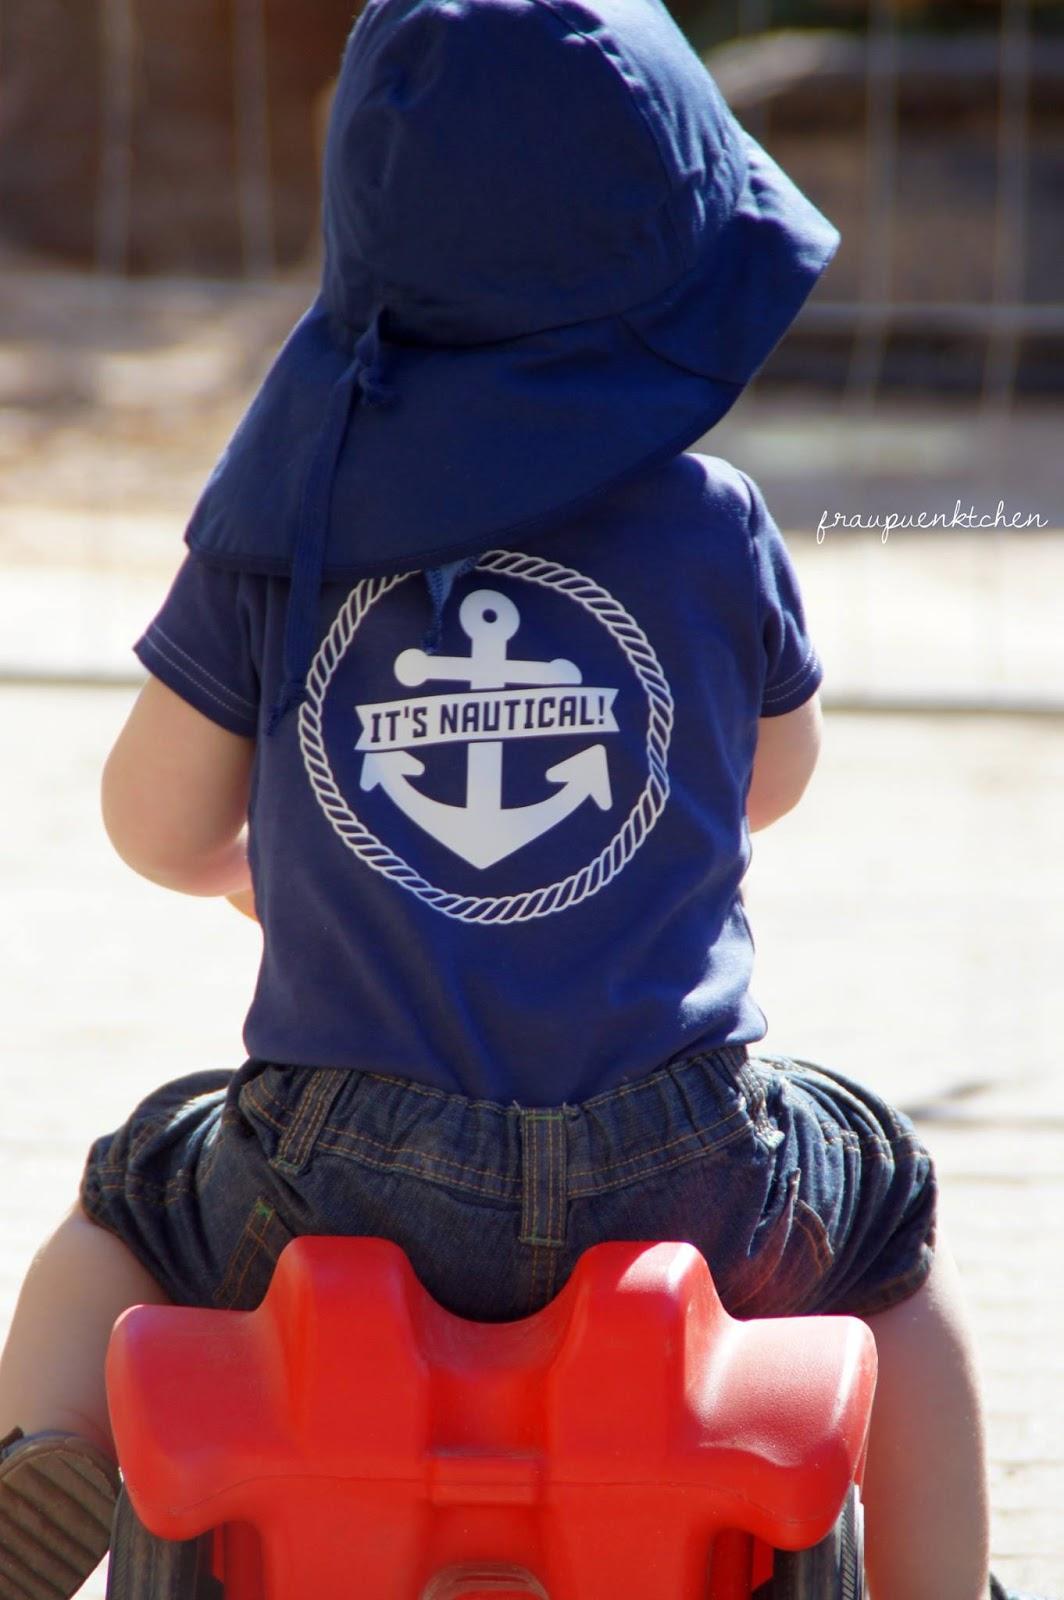 Plotterserie »It's Nautical«